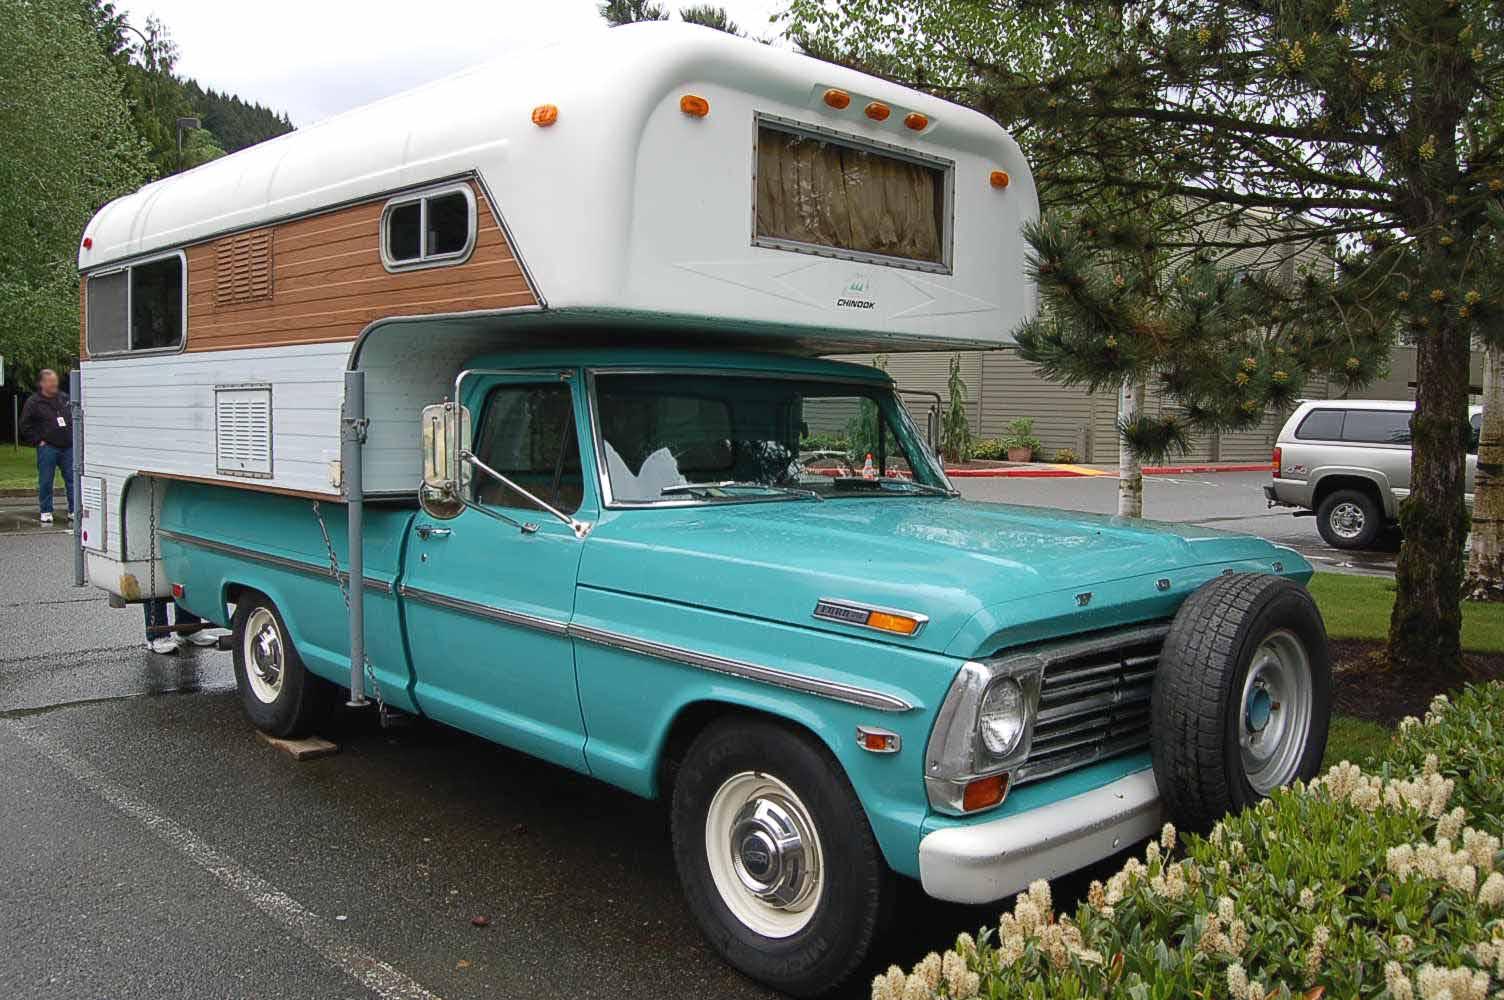 Vintage Truck Based Camper Trailers, from OldTrailer.com